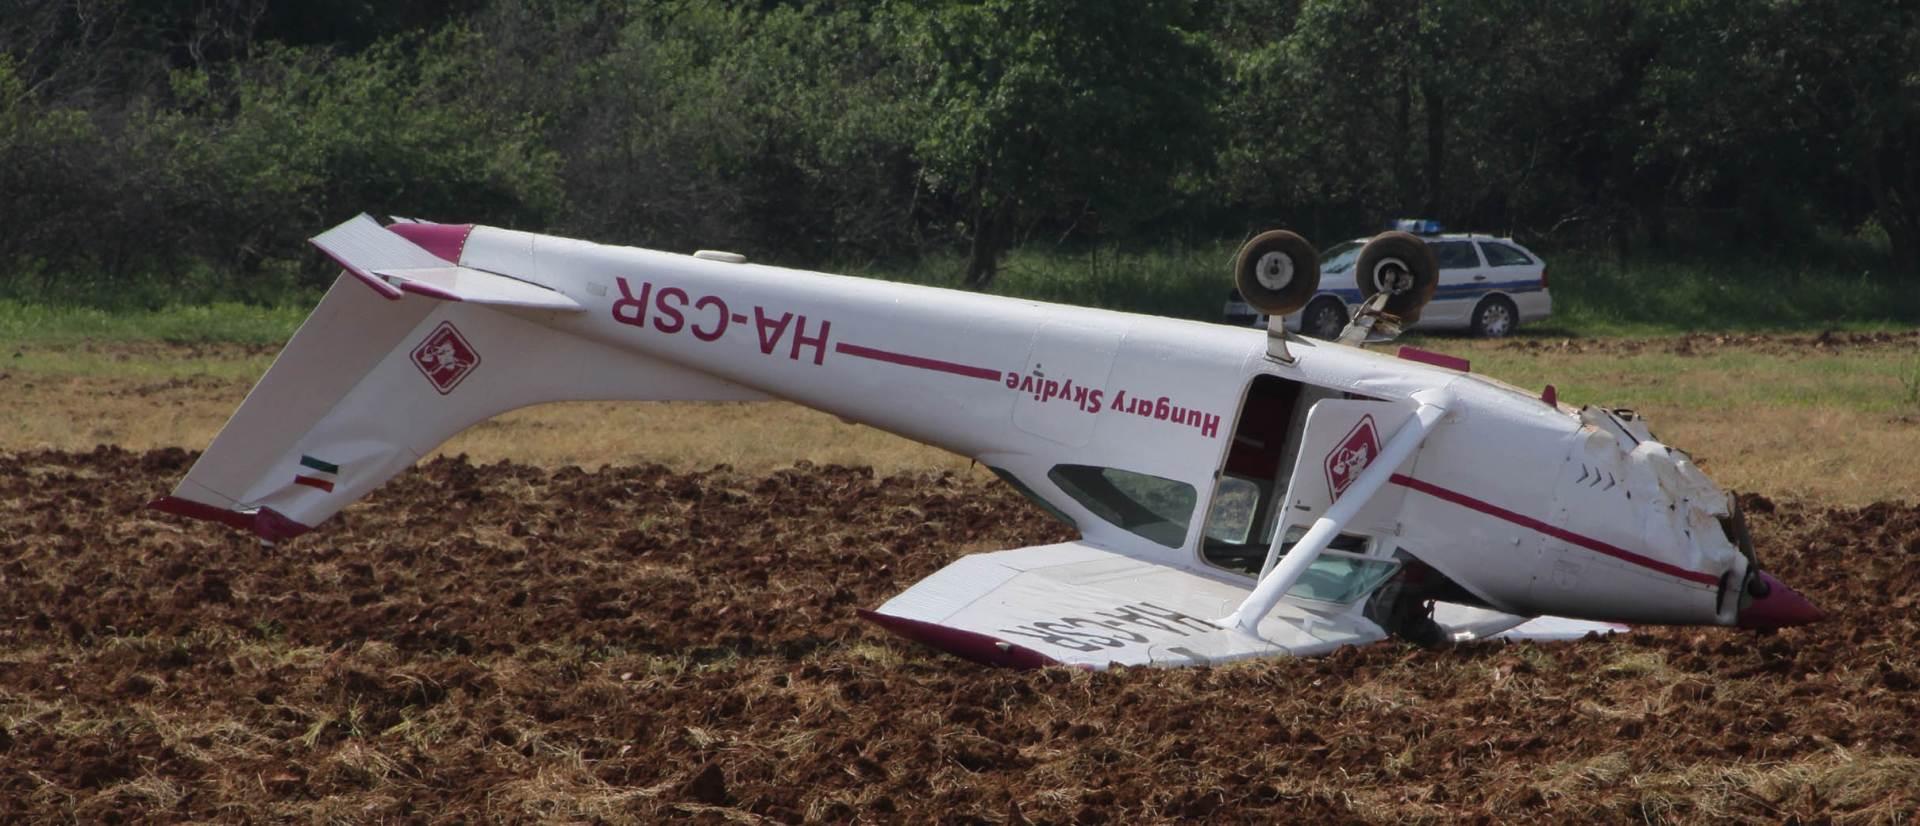 DRUGA NESREĆA U TRI DANA: Pao zrakoplov kod Donjeg Lapca, jedna osoba poginula